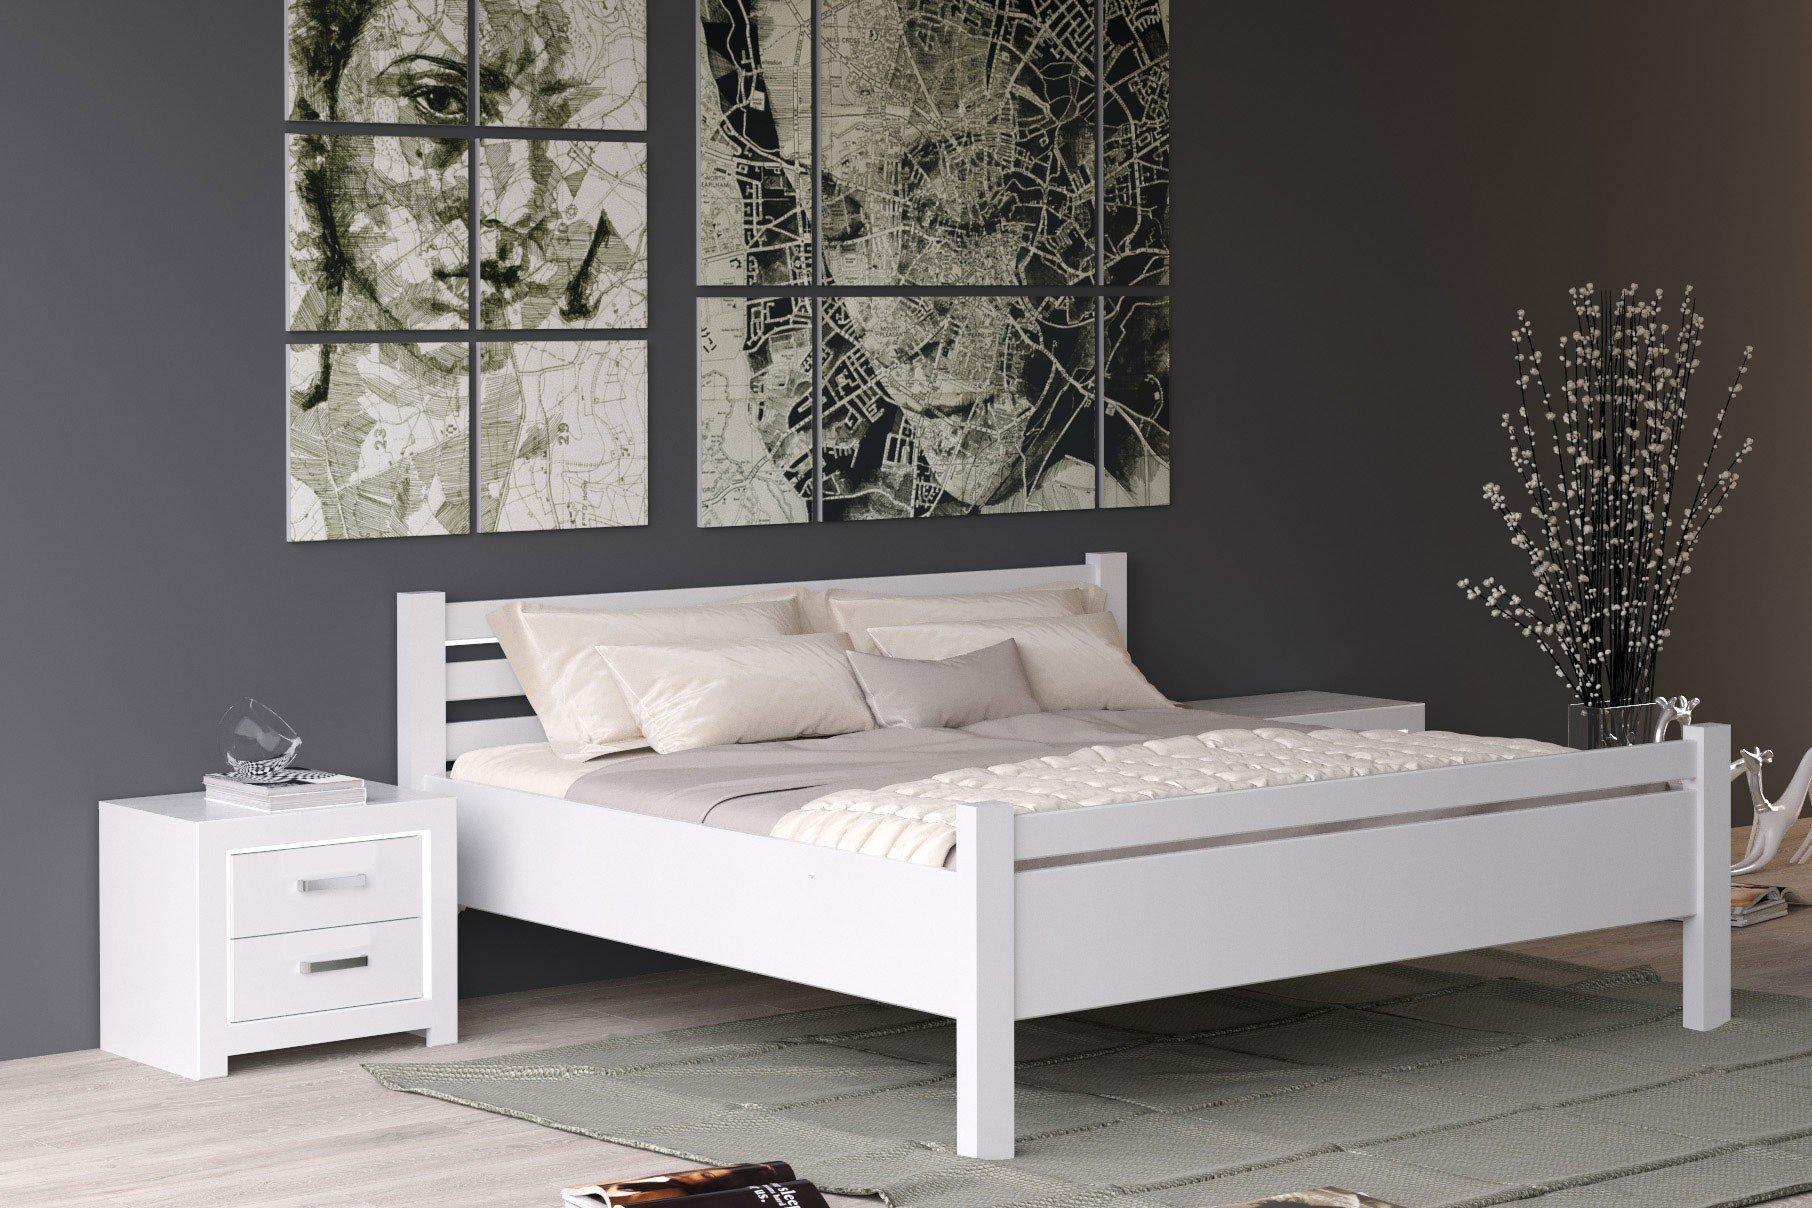 Forestdream Village Bett 180x200 Cm Möbel Letz Ihr Online Shop